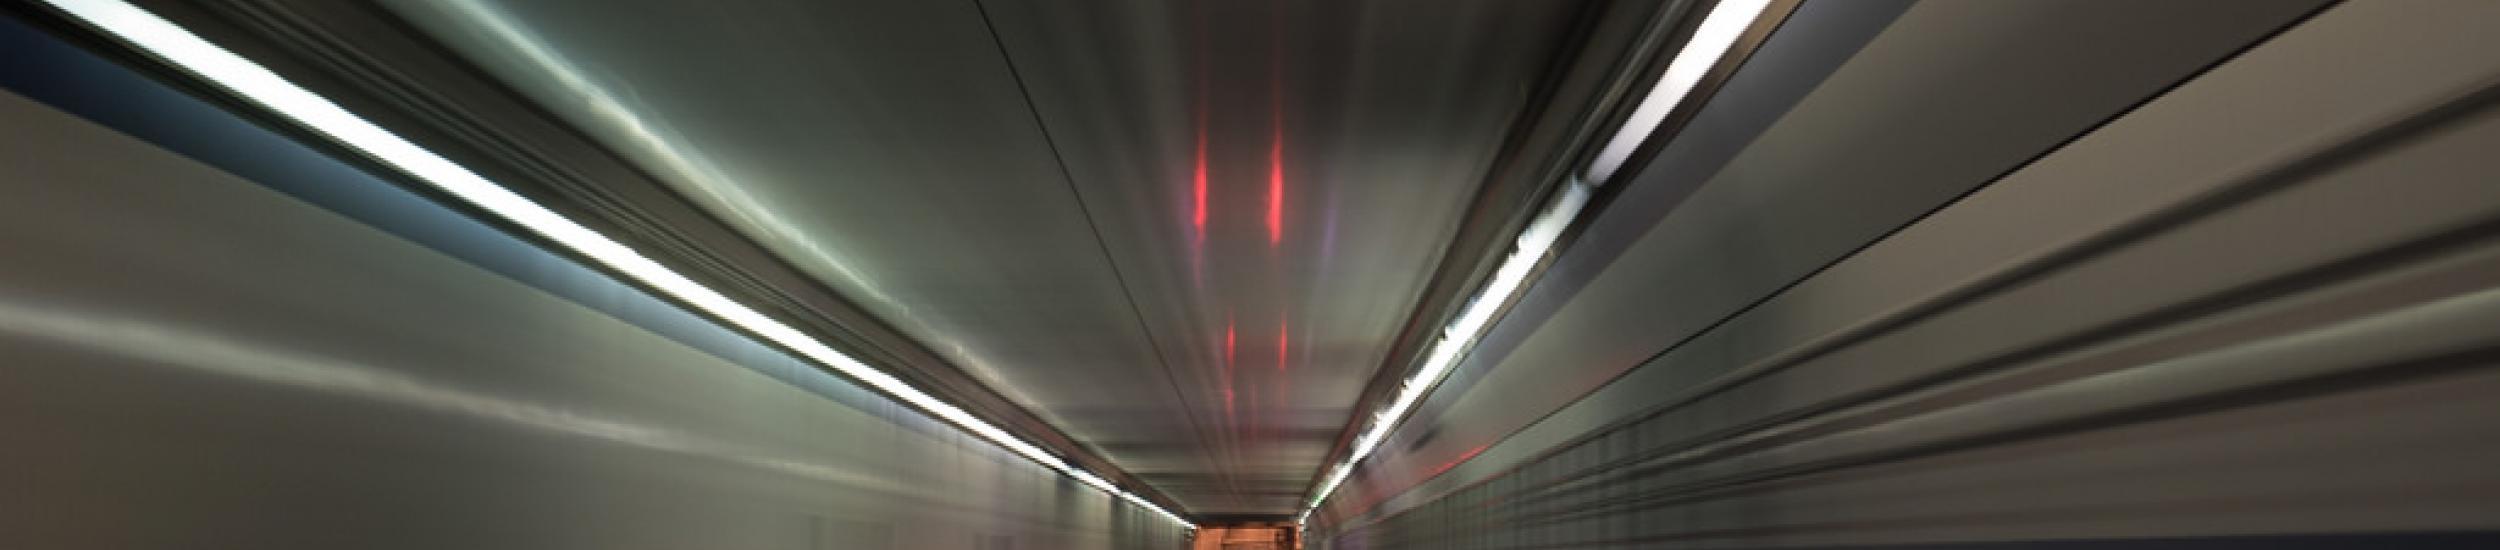 tunnel rapallo fontanabuona